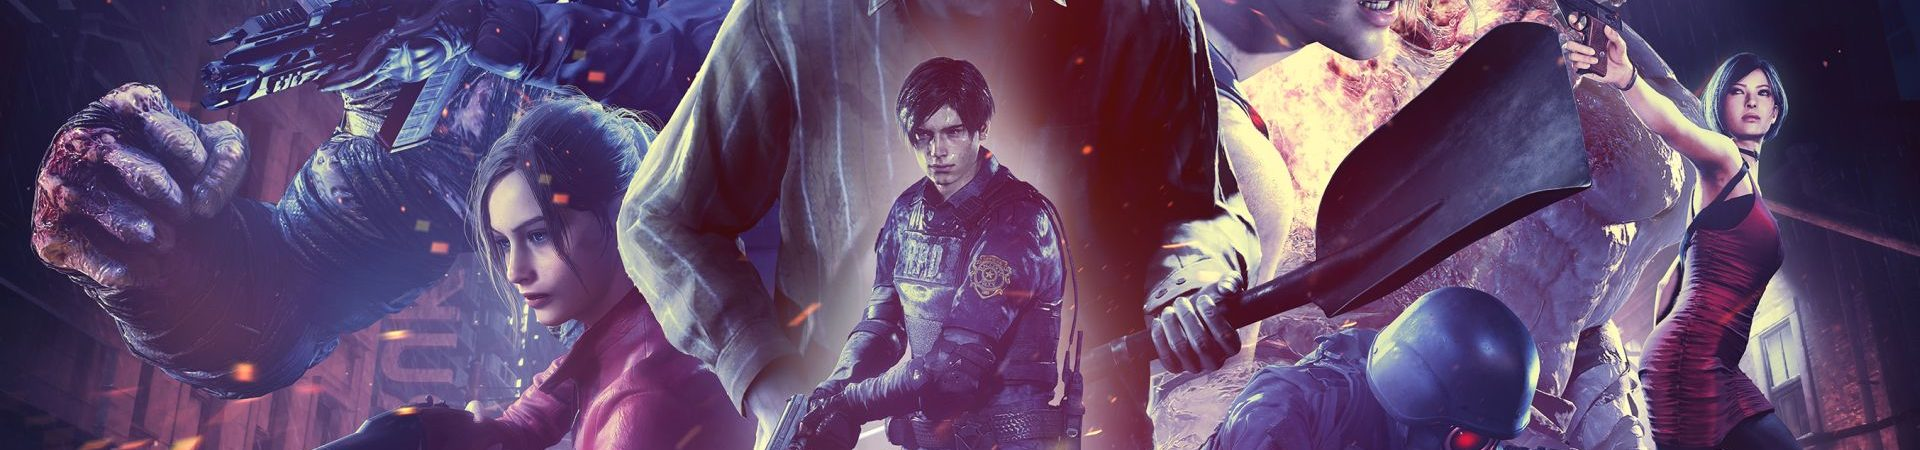 Imagem de divulgação de Resident Evil 'Re:Verse'